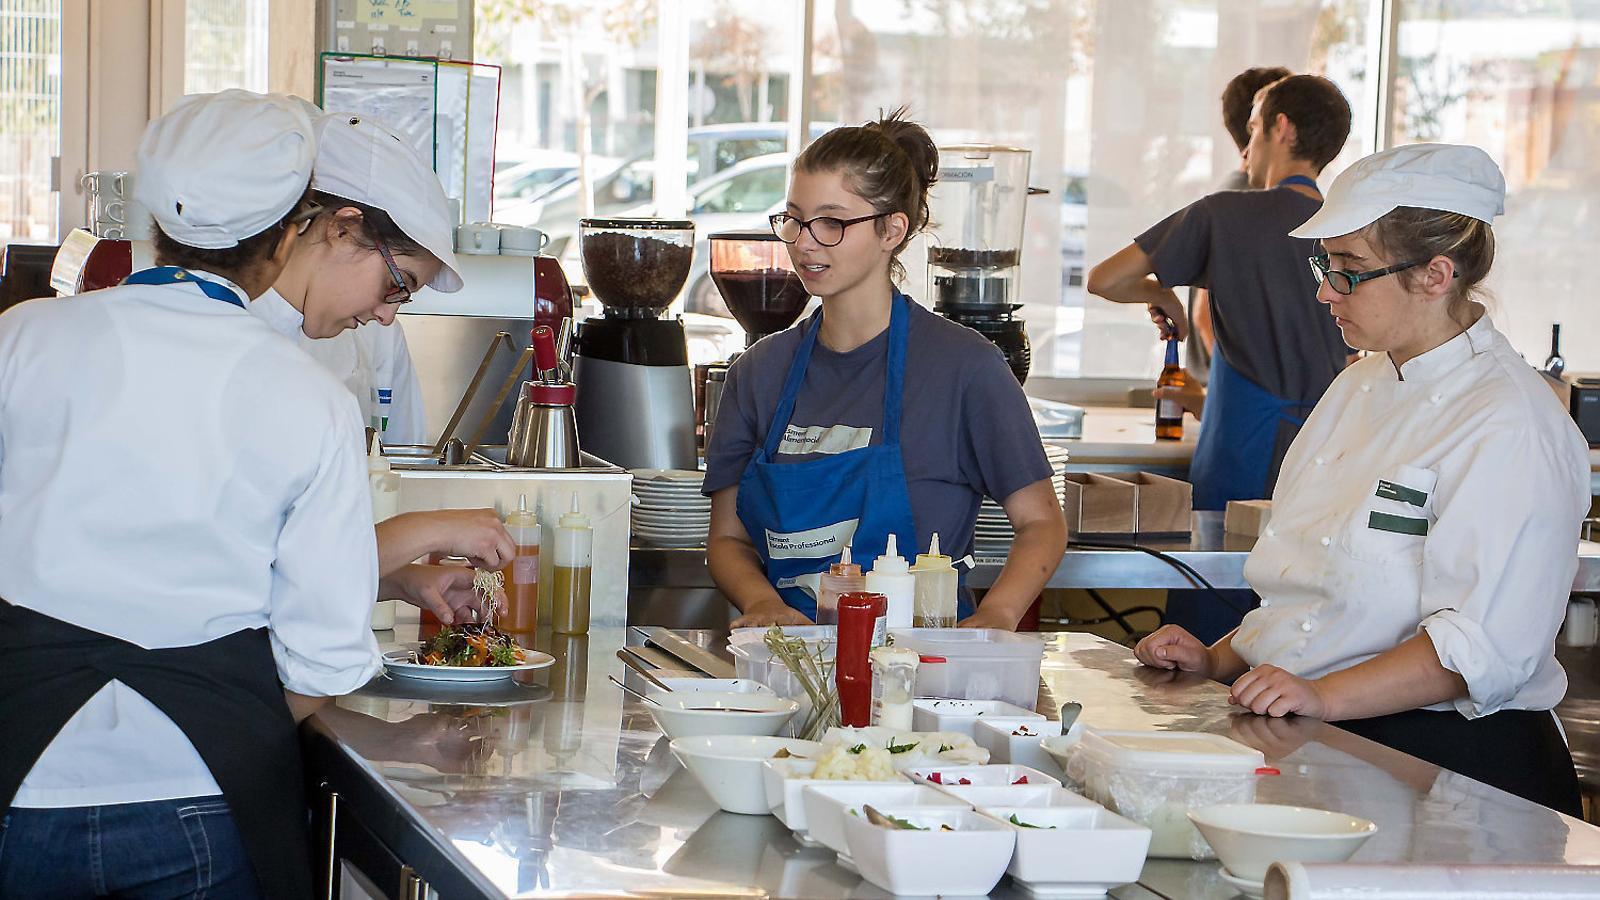 Les persones amb discapacitat estan guanyant visibilitat en el mercat laboral gràcies a projectes com aquest cèntric restaurant de Palma gestionat per la Fundació Amadip Esment.